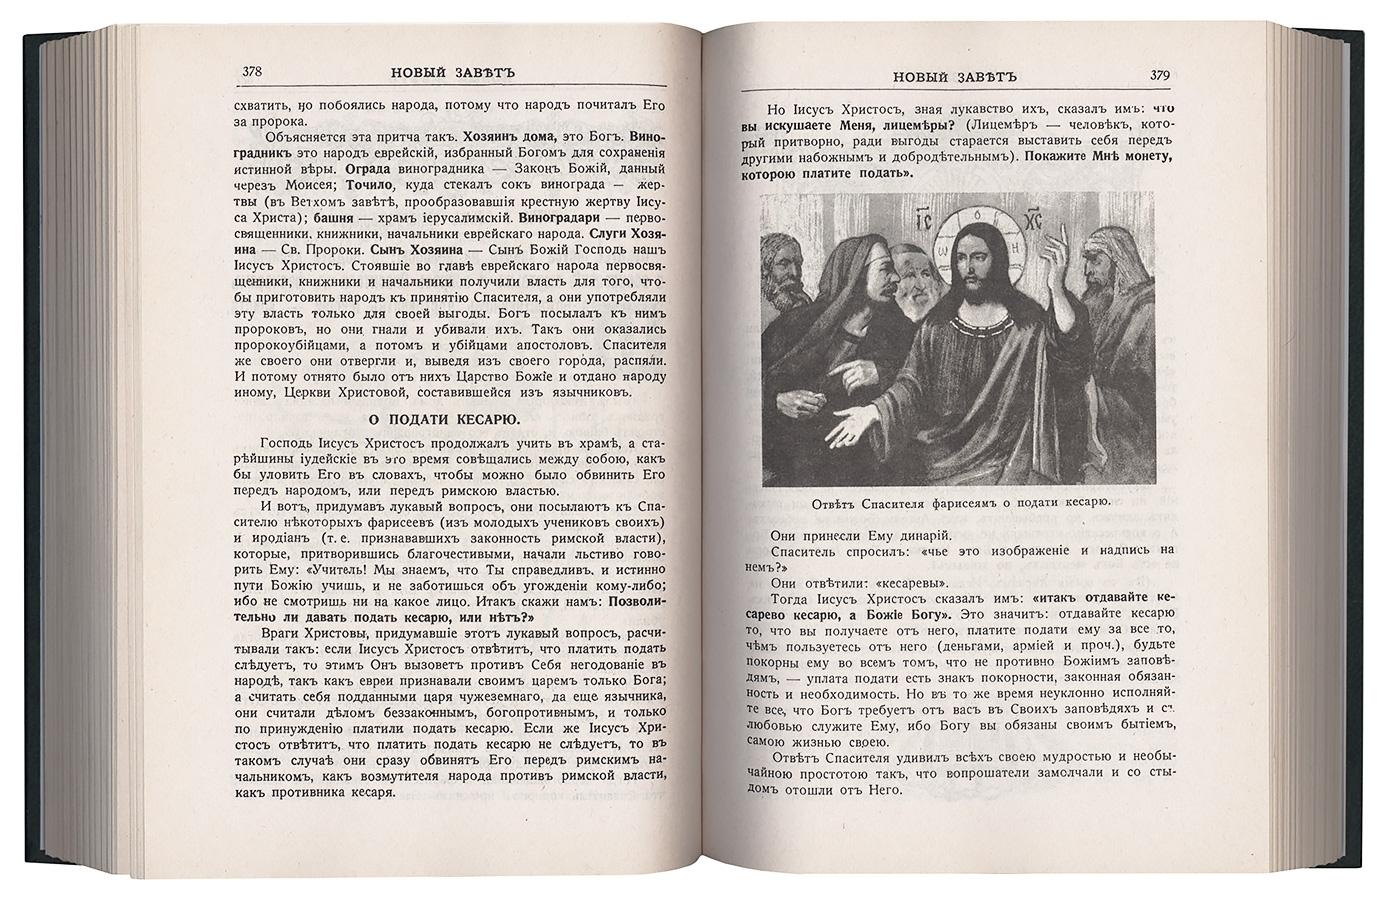 СЛУШАТЬ ЗАКОН БОЖИЙ СЕРАФИМА СЛОБОДСКОГО АУДИОКНИГА СКАЧАТЬ БЕСПЛАТНО